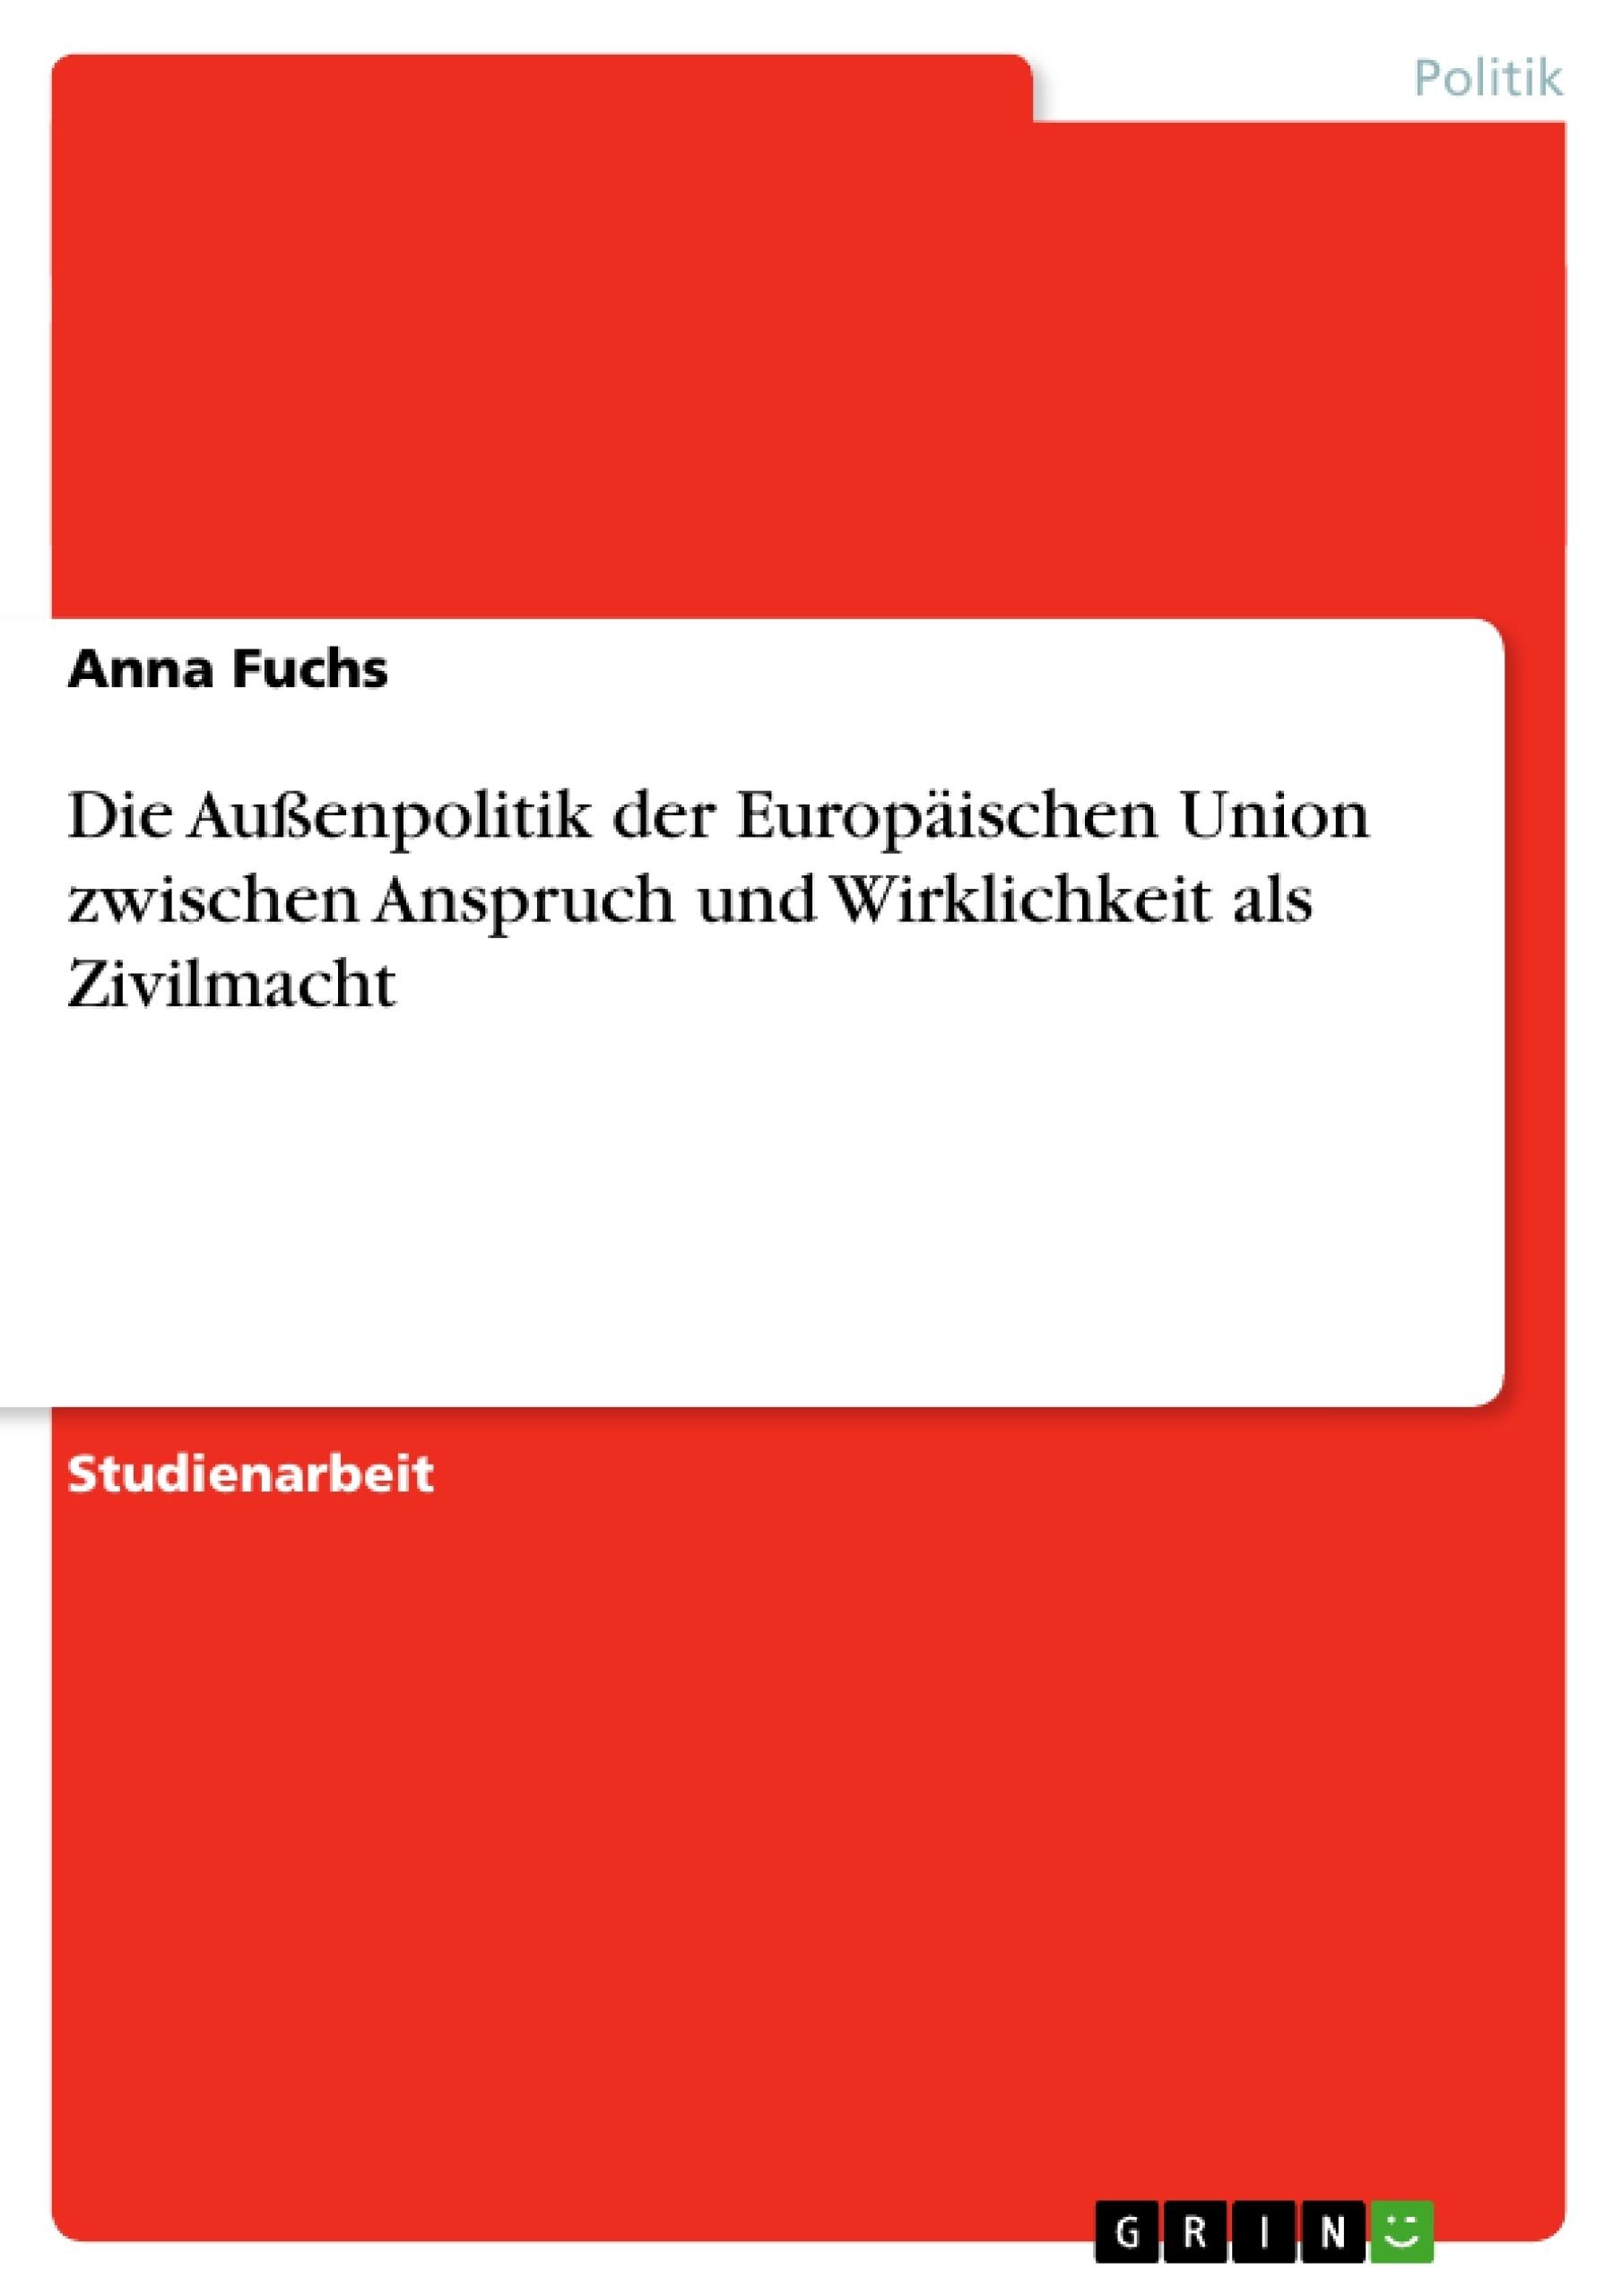 Titel: Die Außenpolitik der Europäischen Union zwischen Anspruch und Wirklichkeit als Zivilmacht